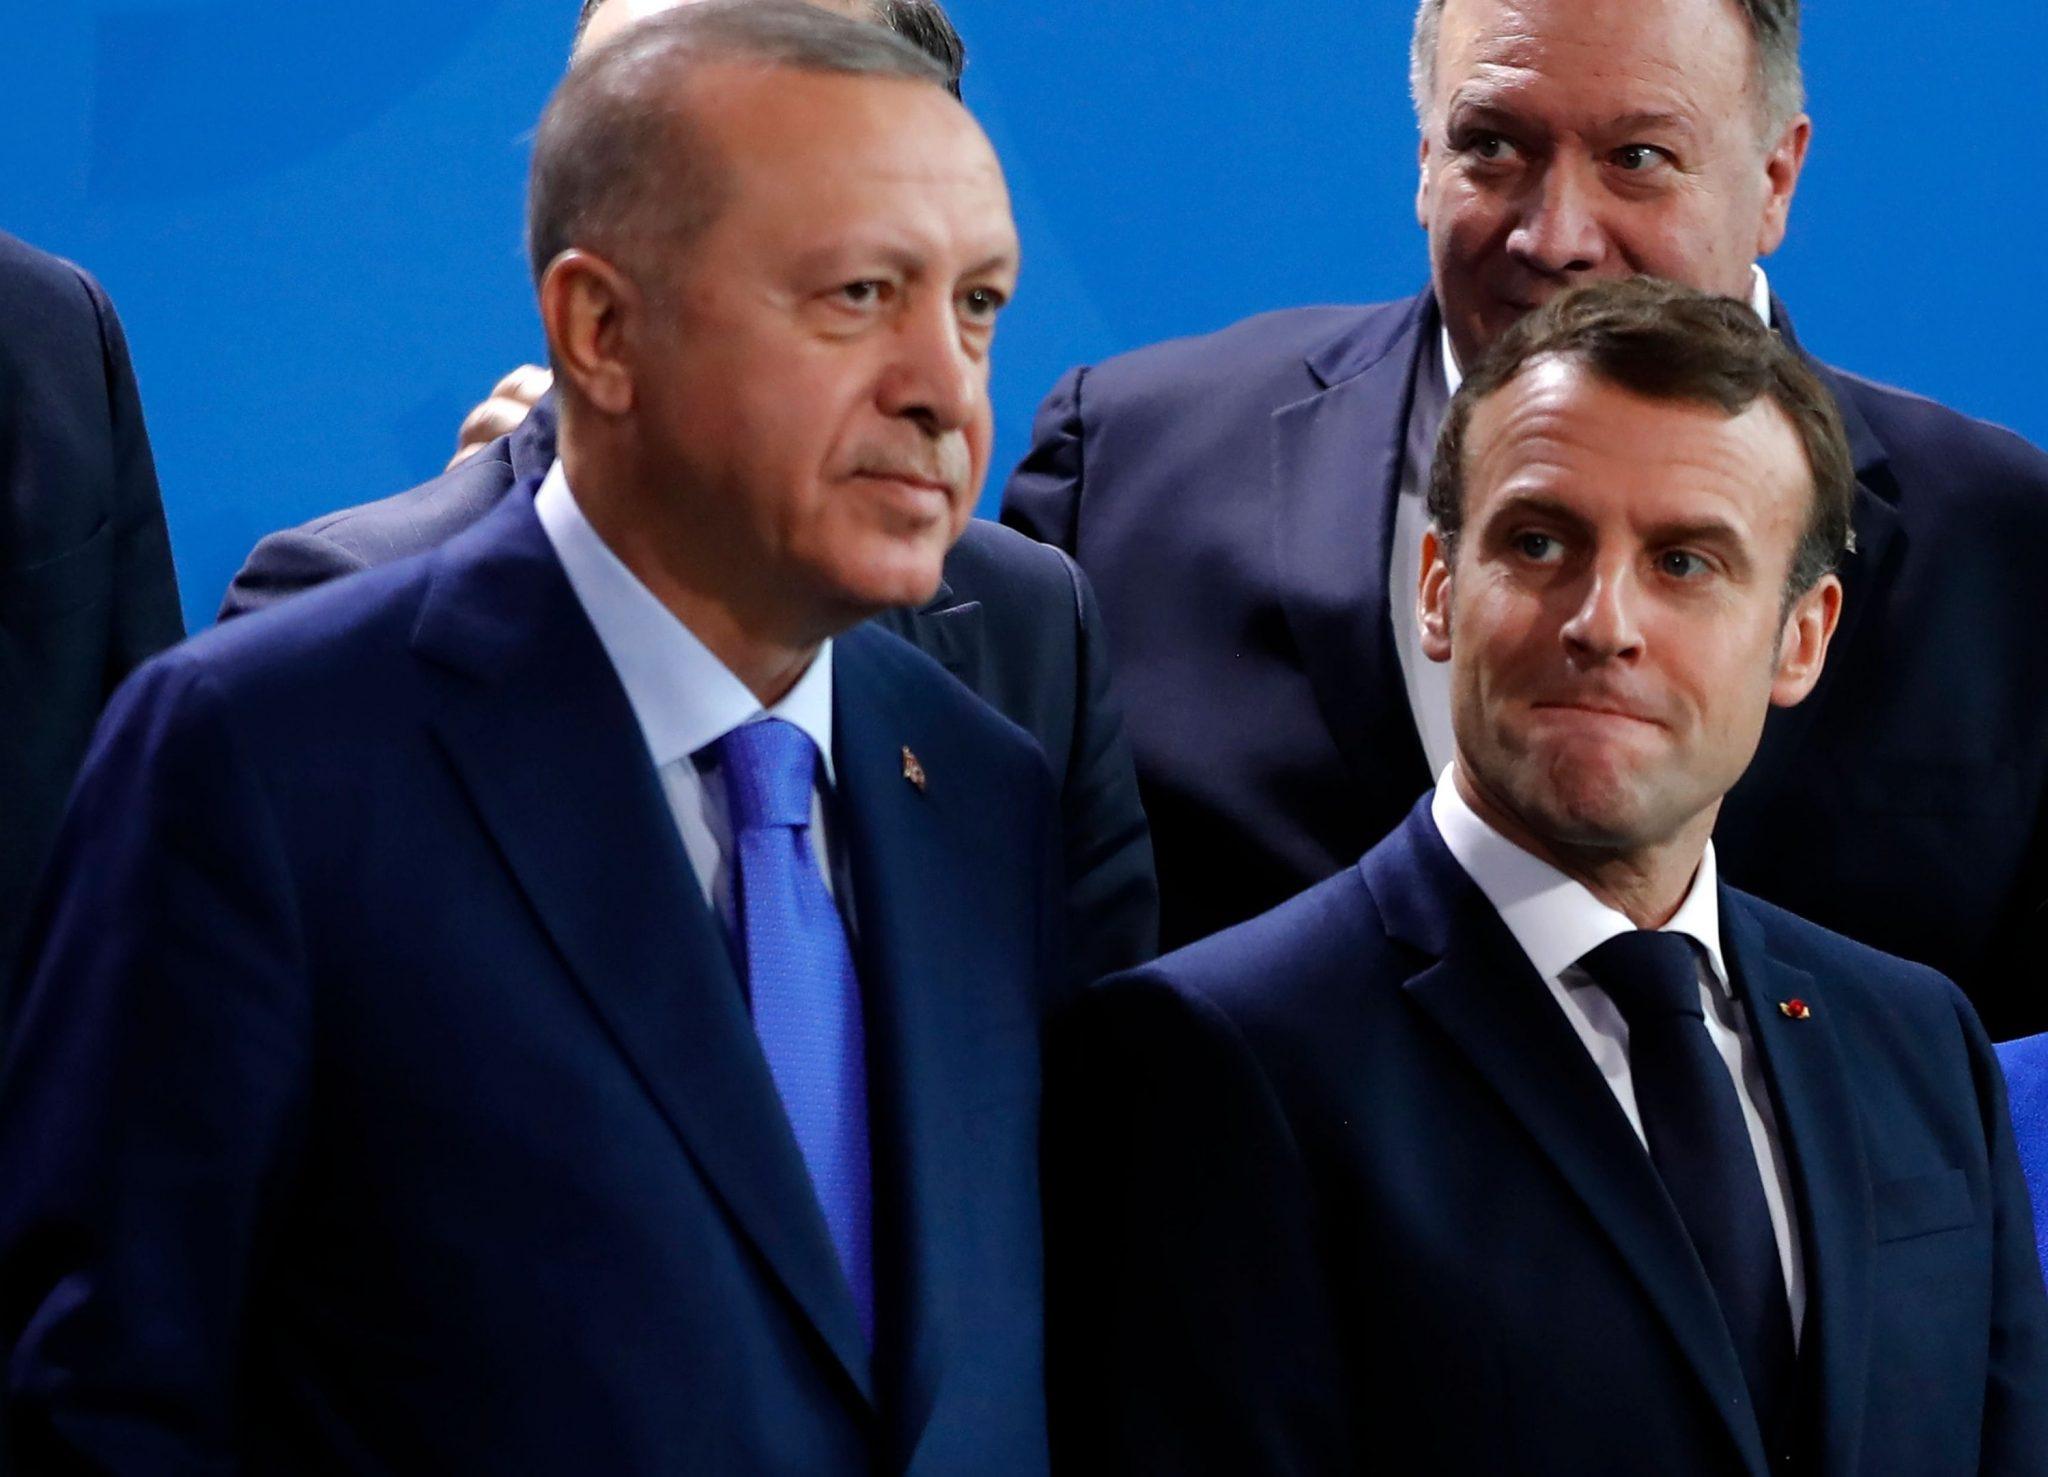 صورة أردوغان: أتمنى أن تتخلص فرنسا من ماكرون بأسرع وقت